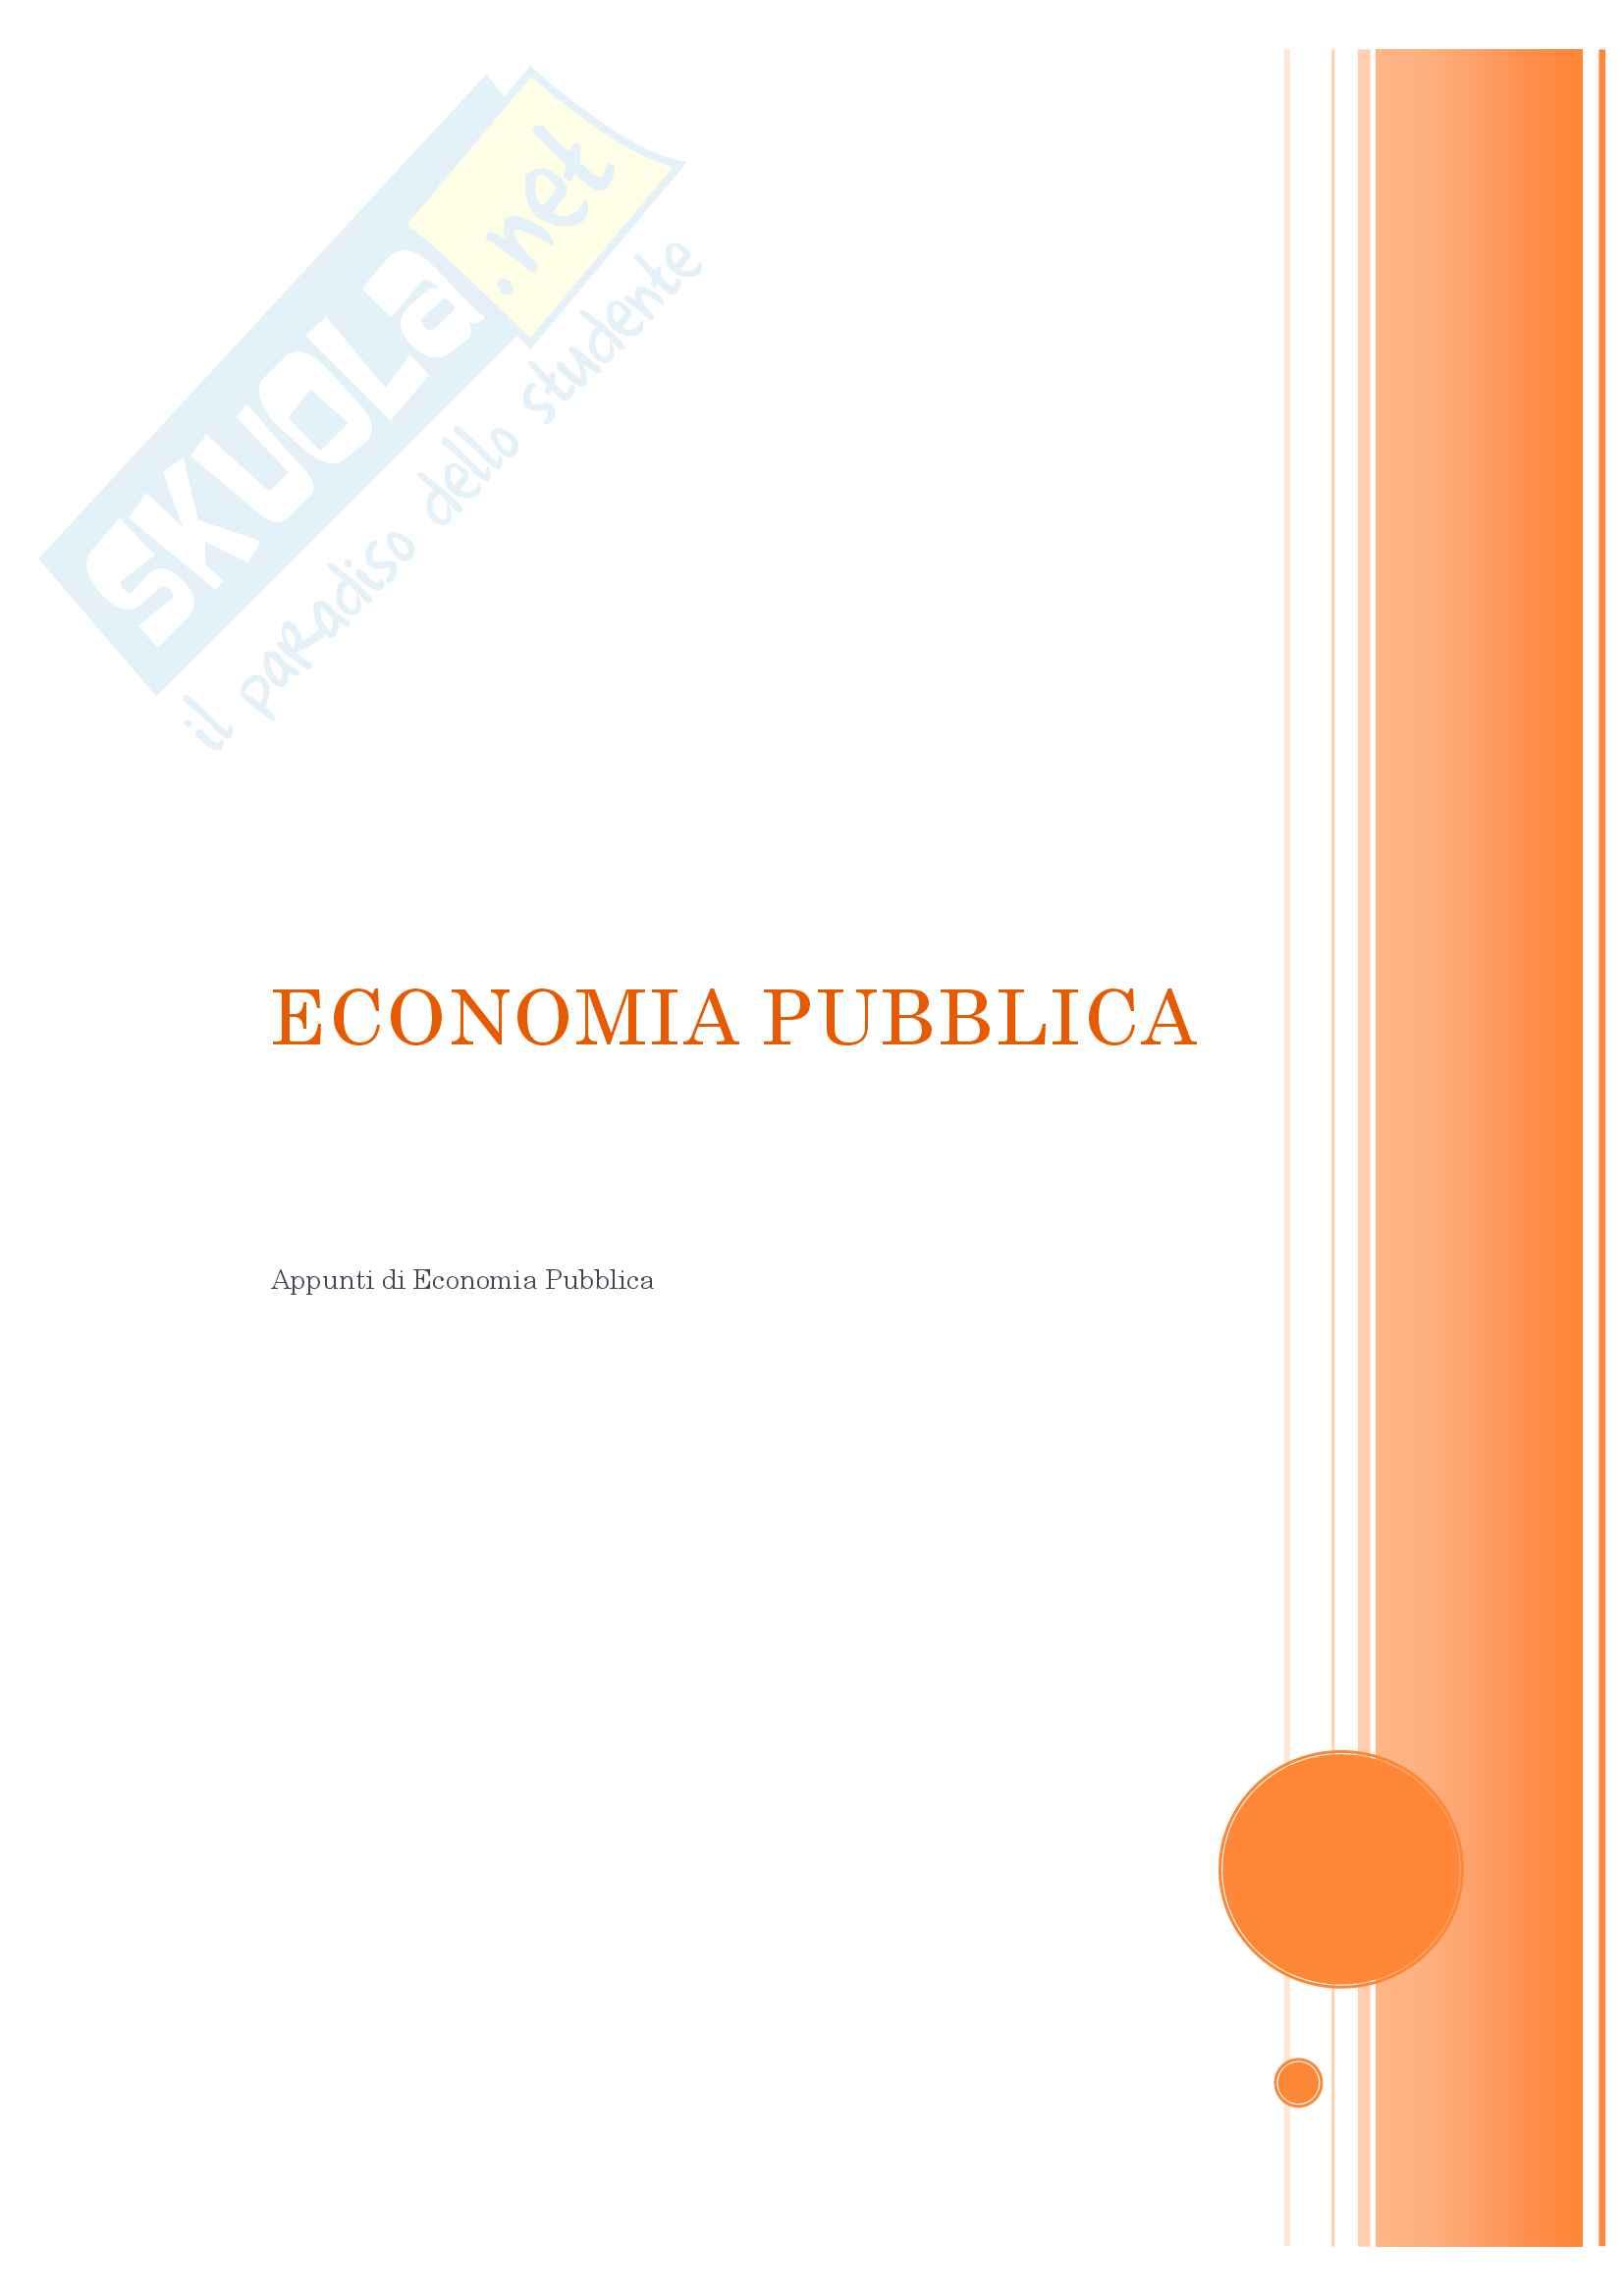 Economia pubblica